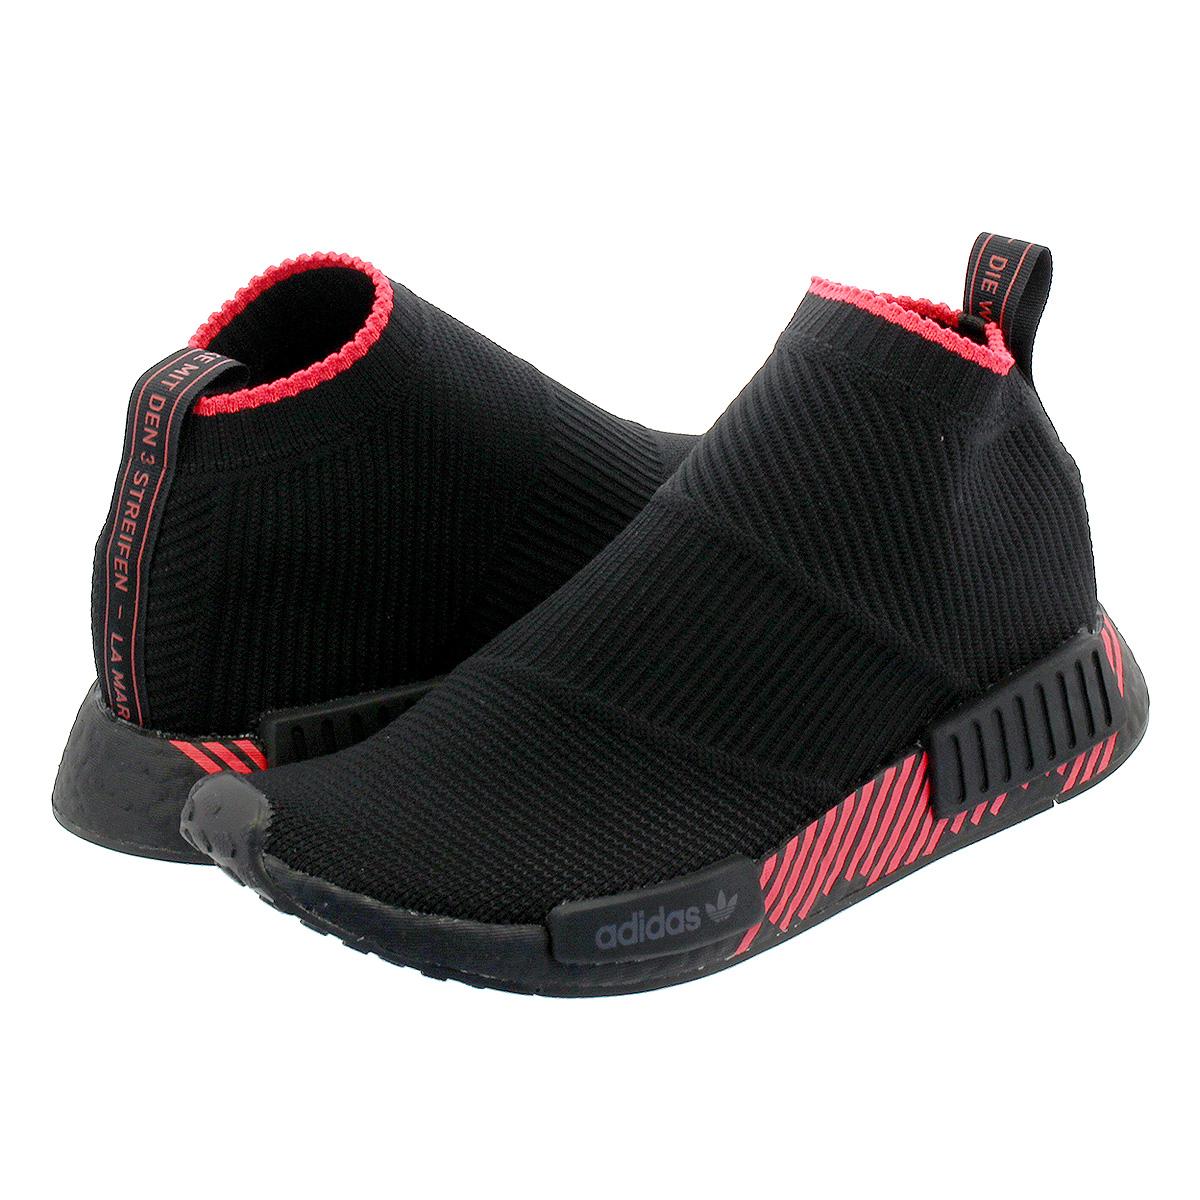 【毎日がお得!値下げプライス】 adidas NMD_CS1 PK アディダス NMD_CS1 PK CORE BLACK/CORE BLACK/SHOCK RED